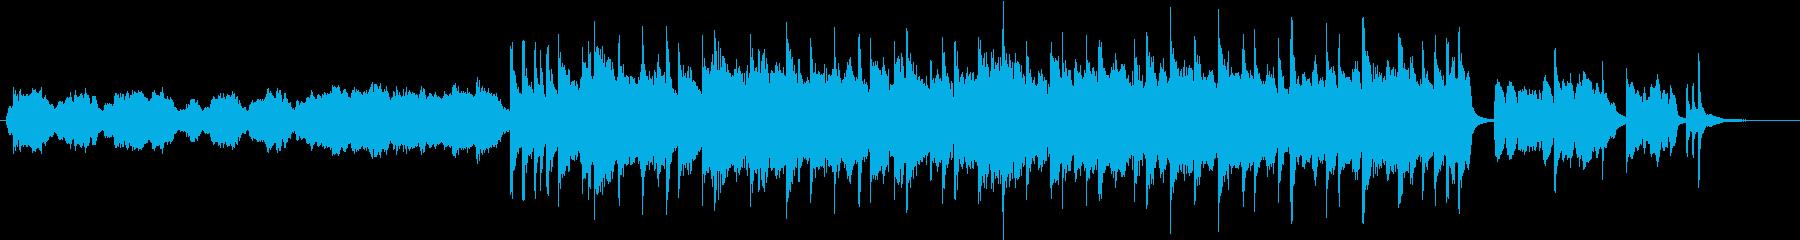 晴れやかなインスト曲の再生済みの波形